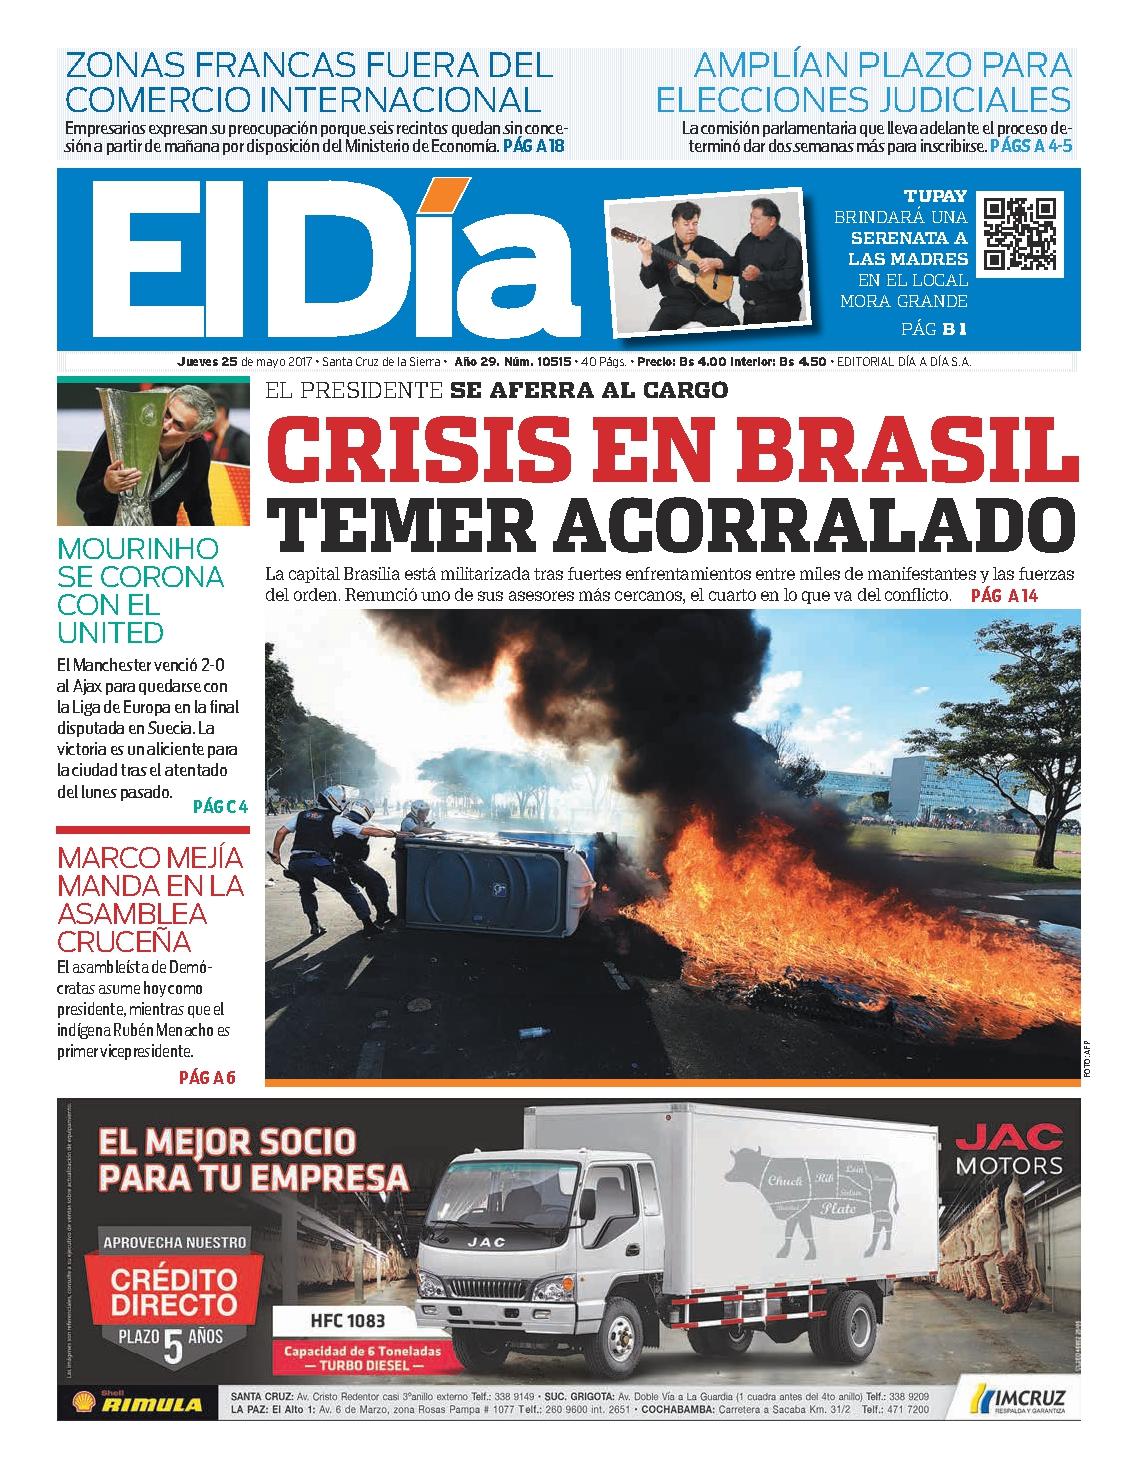 eldia.com_.bo5926c3cad5a47.jpg